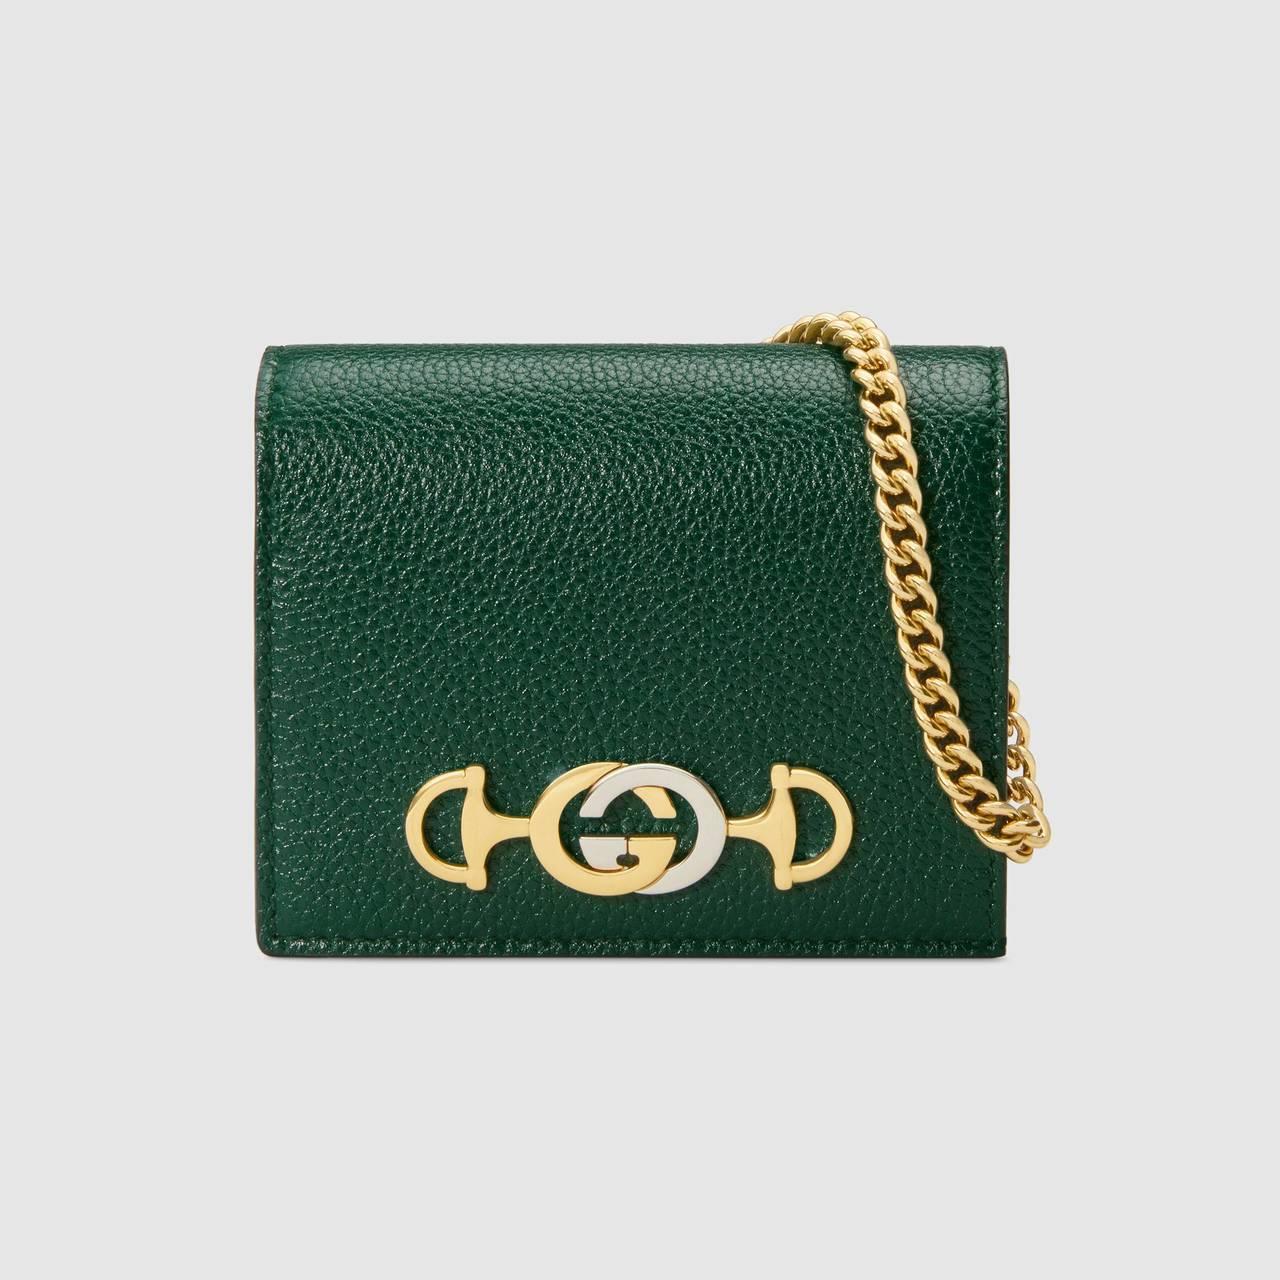 Gucci Zumi綠色鍊帶卡夾,20,400元。圖/Gucci提供